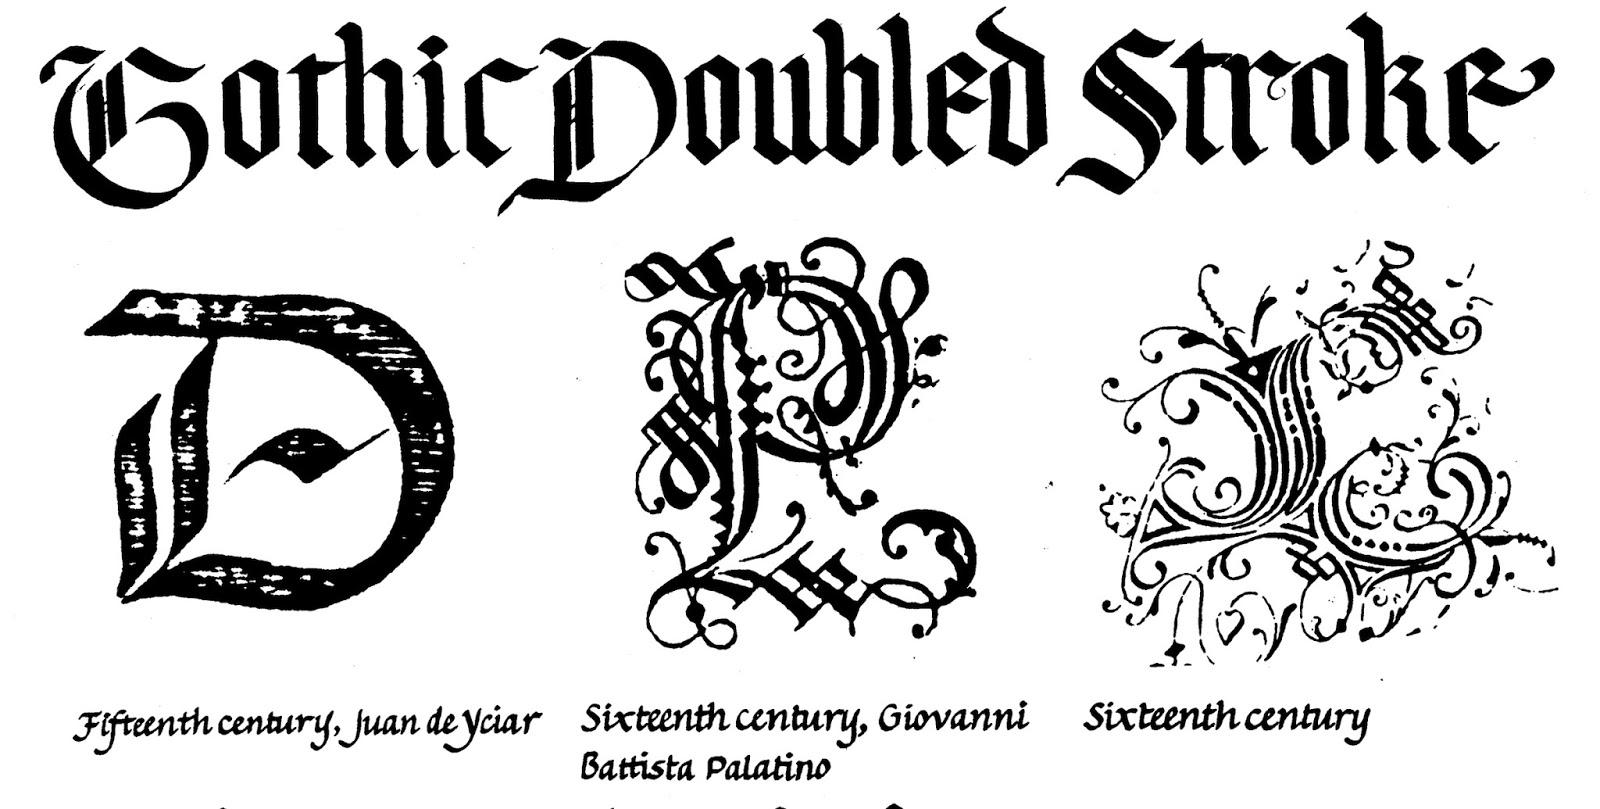 Margaret shepherd calligraphy september